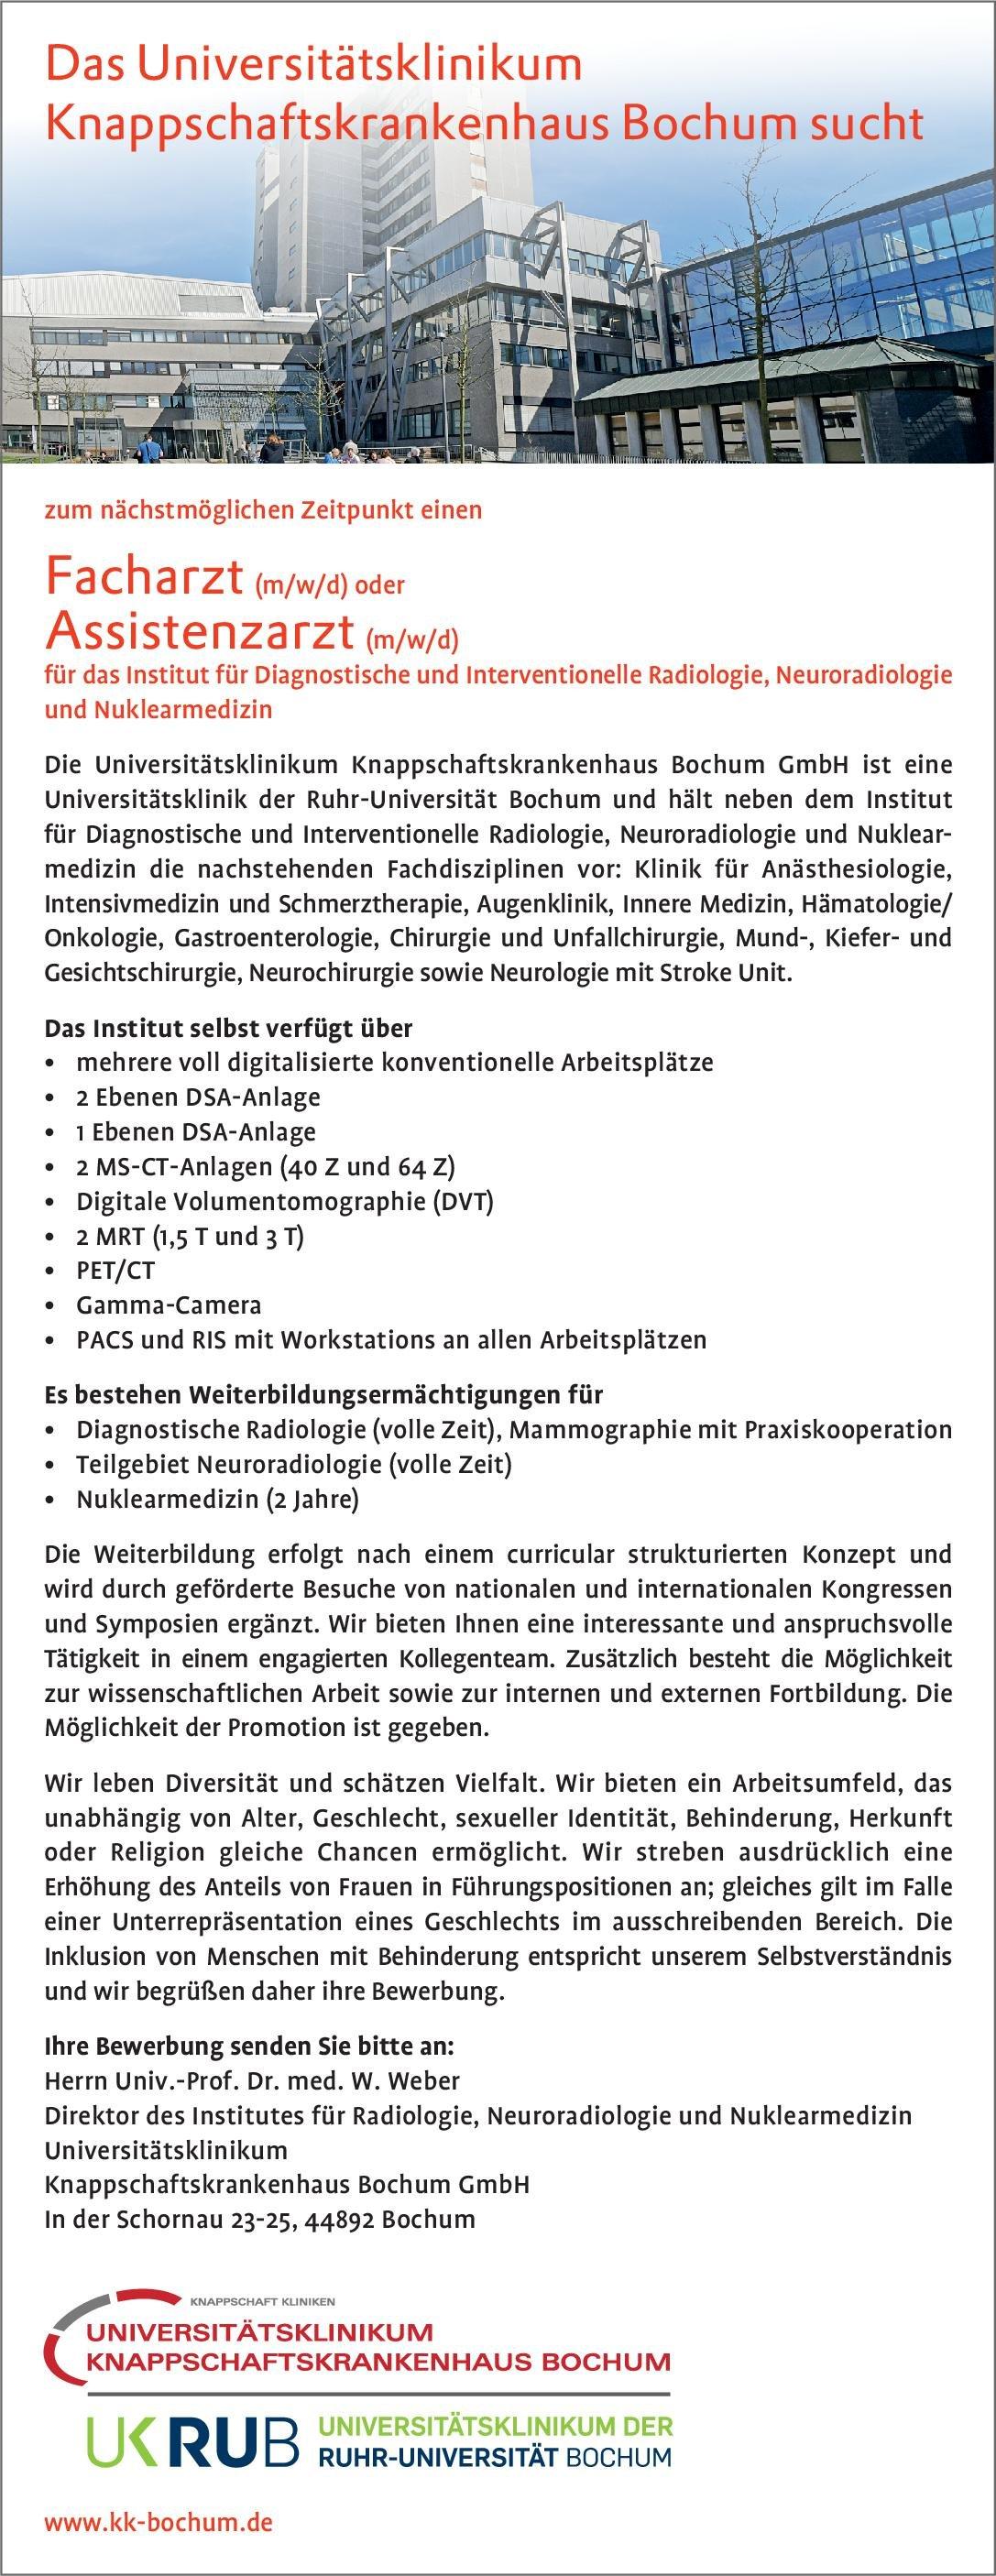 Universitätsklinikum Knappschaftskrankenhaus Bochum Facharzt (m/w/d) oder Assistenzarzt (m/w/d) für das Institut für Diagnostische und Interventionelle Radiologie, Neuroradiologie und Nuklearmedizin  Neuroradiologie, Radiologie, Nuklearmedizin Arzt / Facharzt, Assistenzarzt / Arzt in Weiterbildung